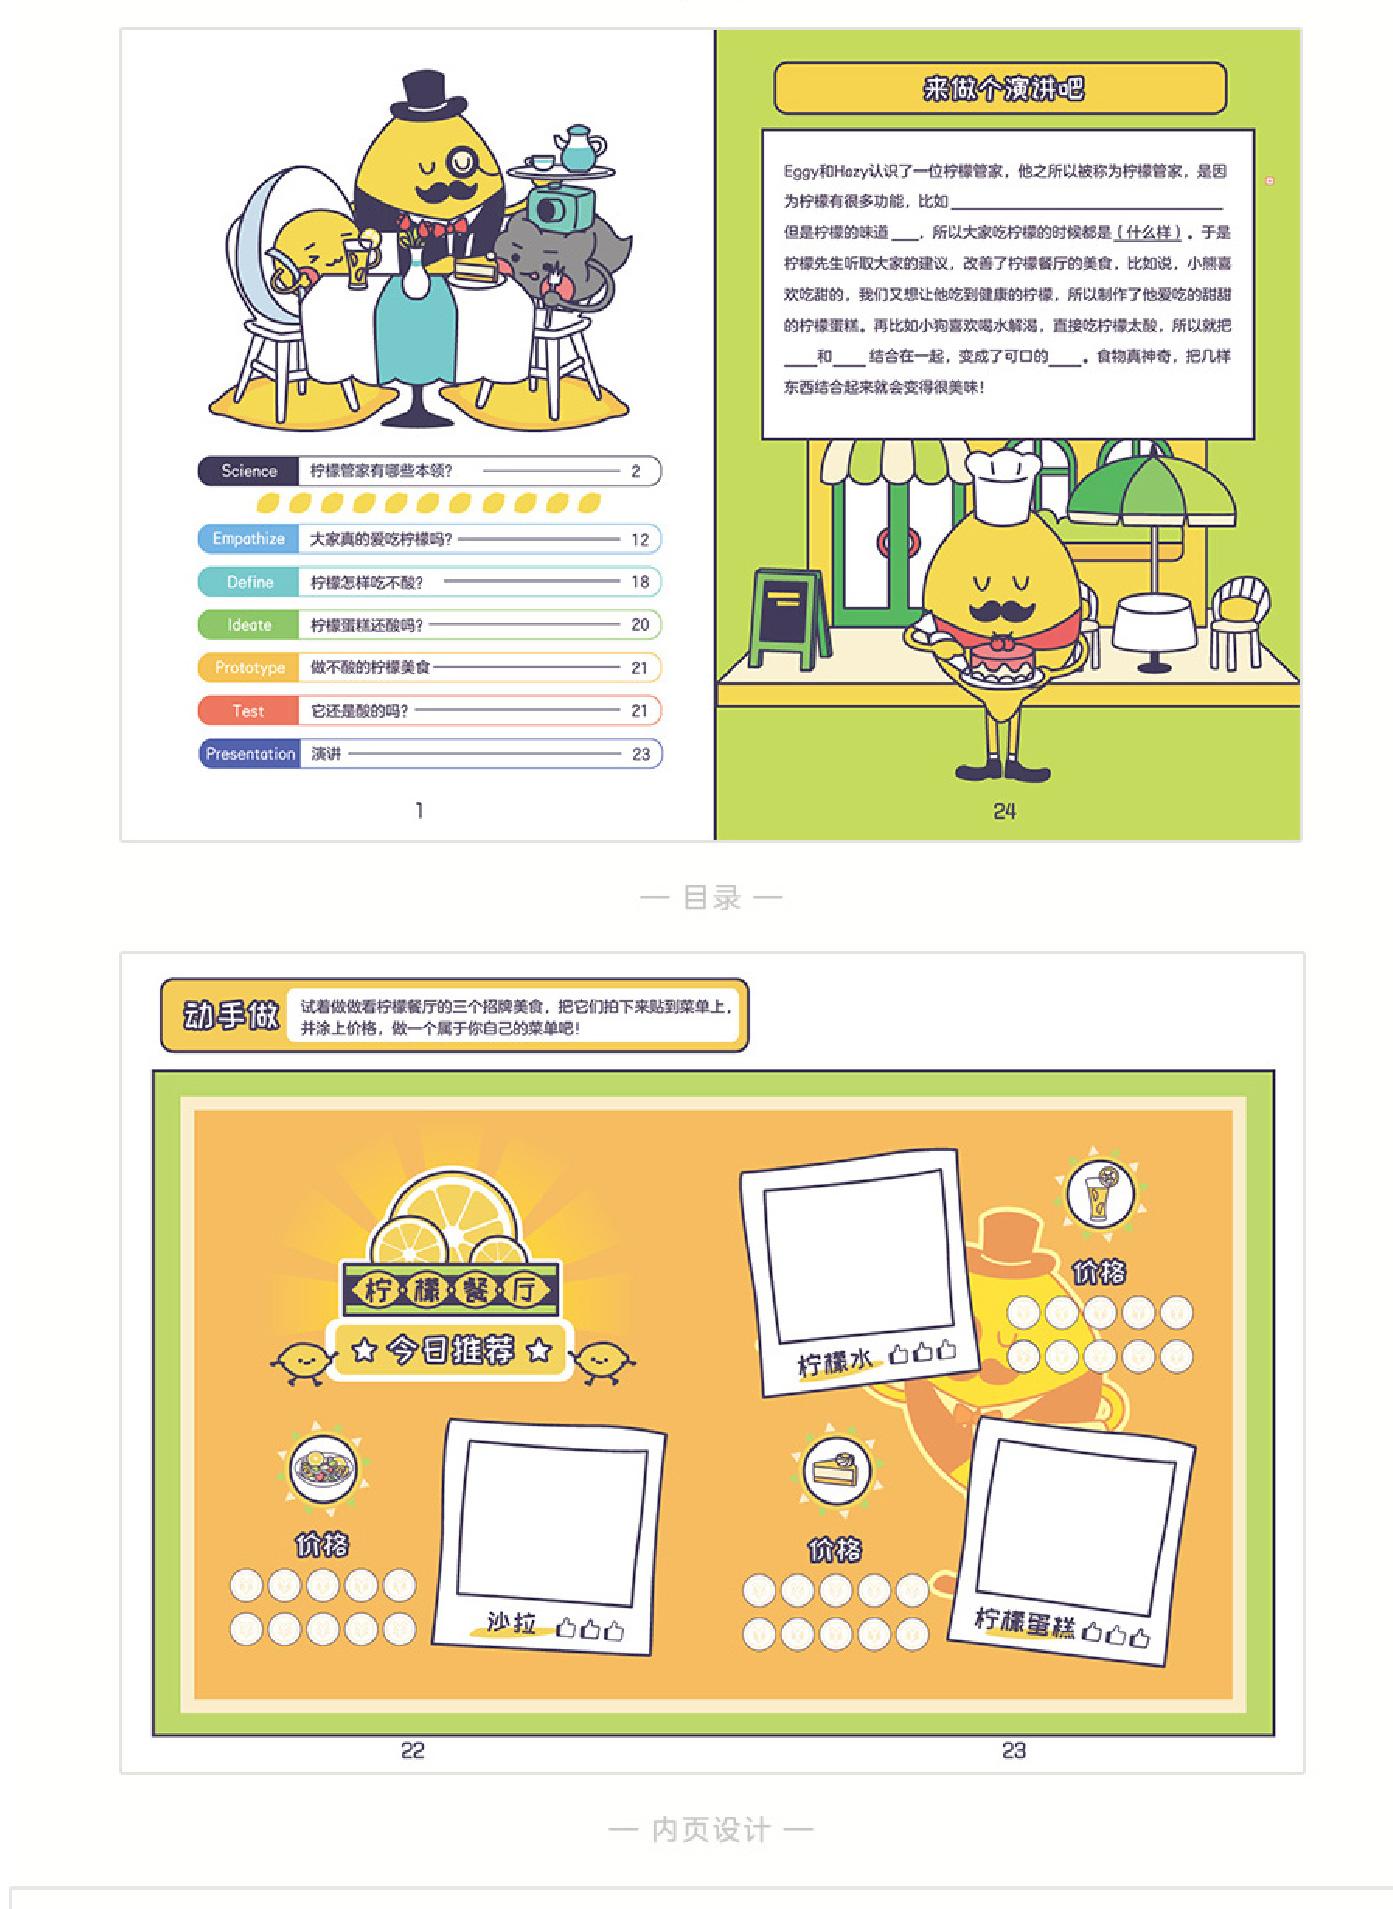 众筹长图文设计3-14.jpg